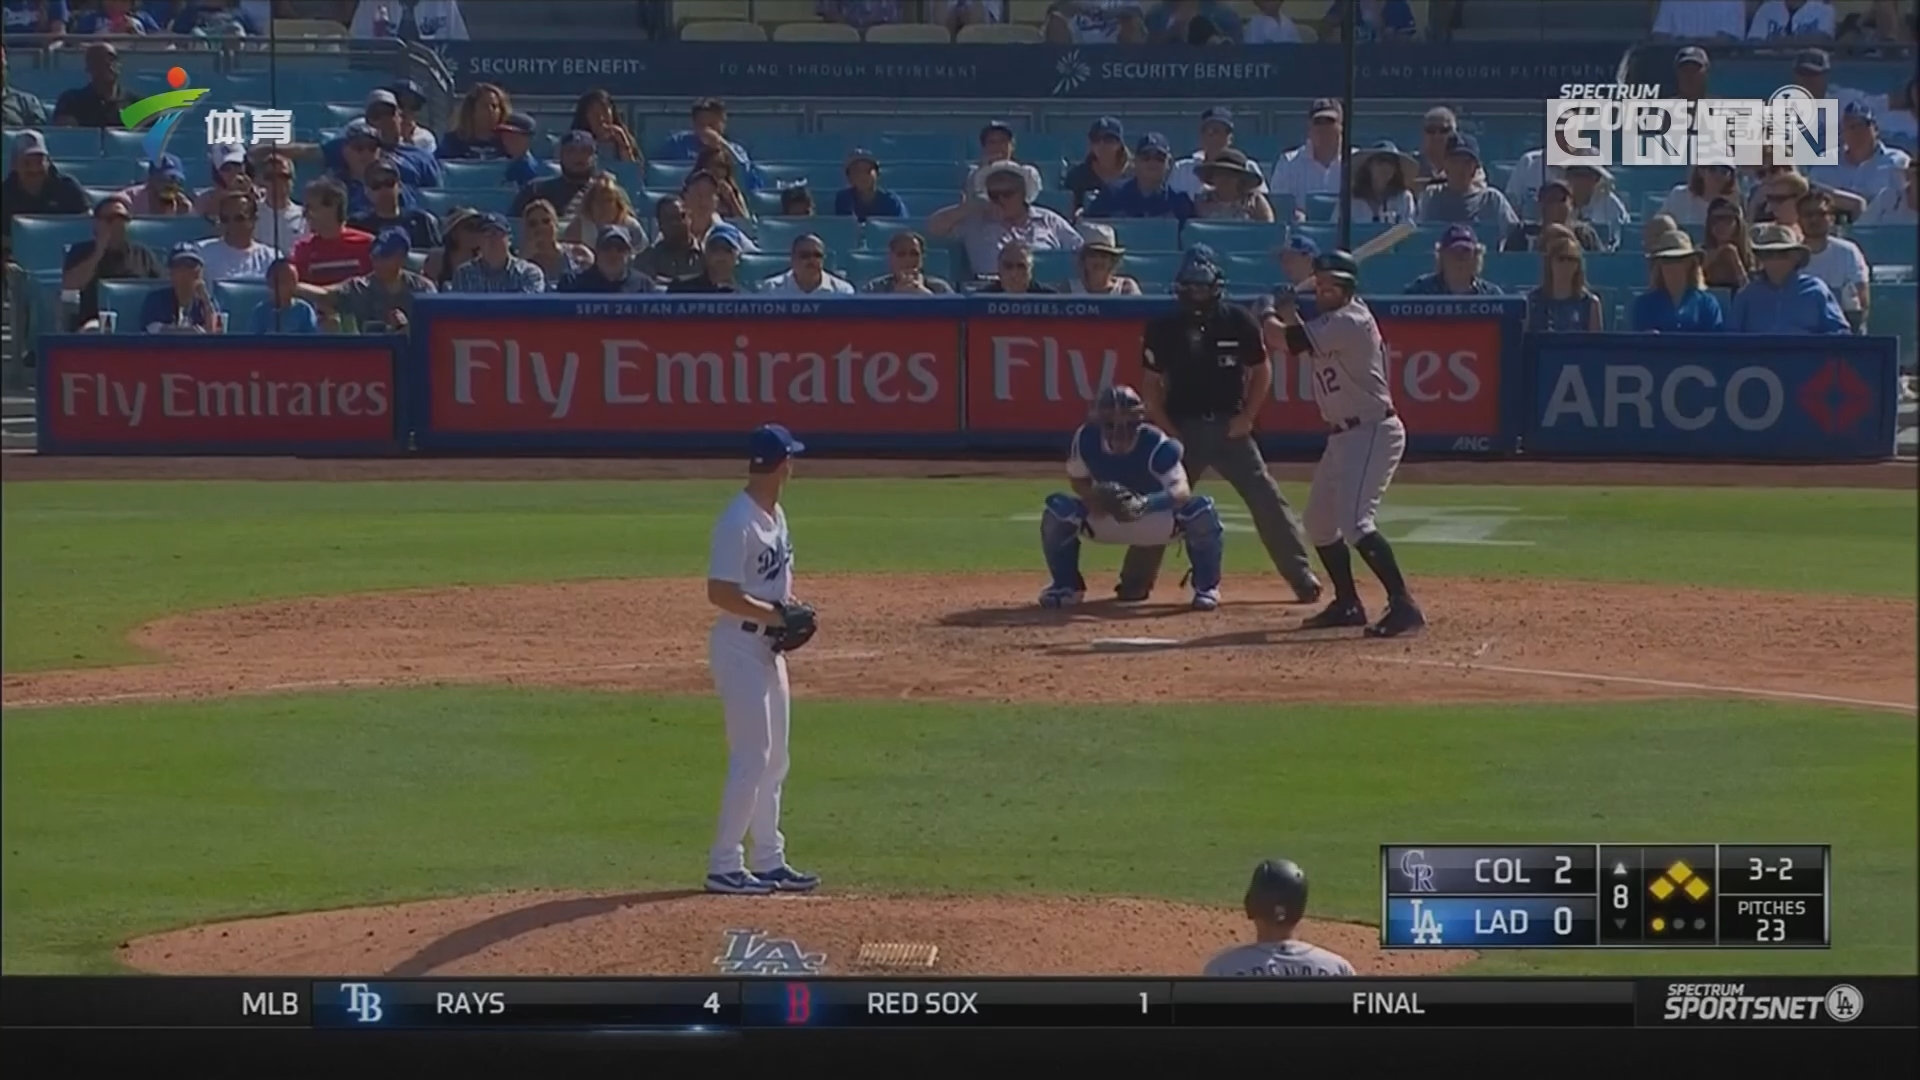 MLB 洛杉矶道奇遭遇连败